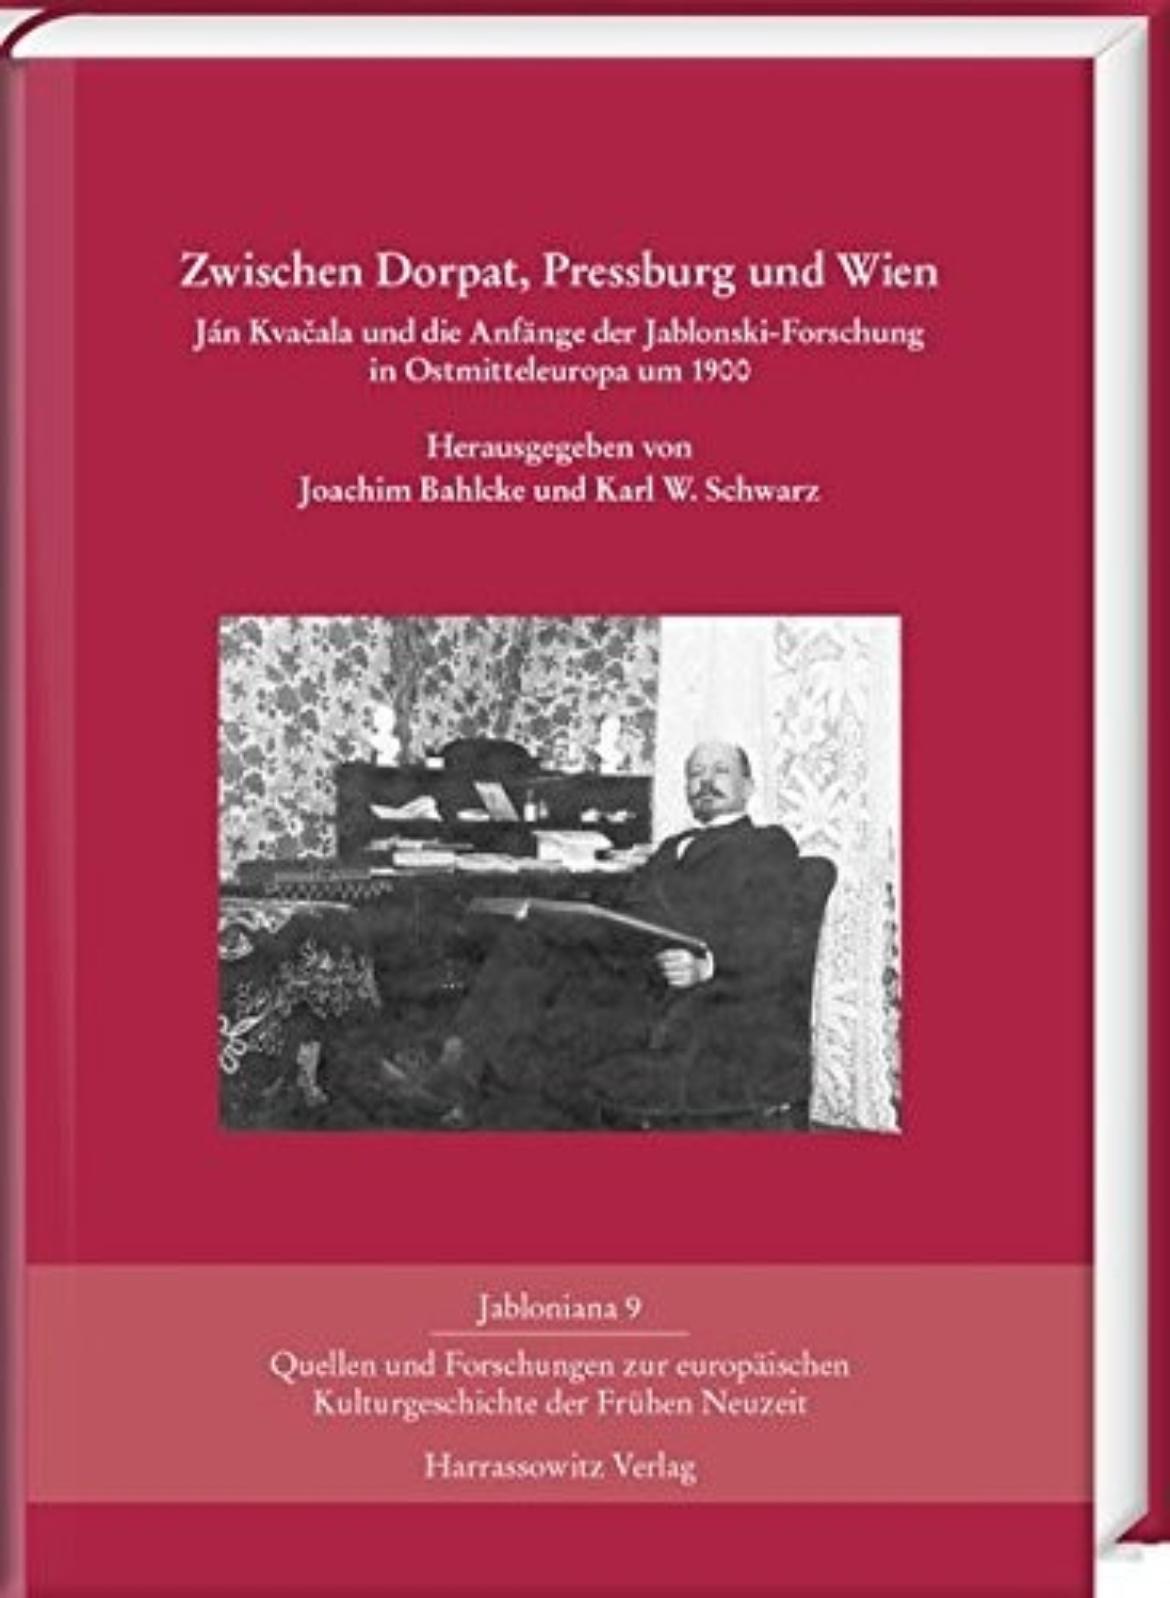 Kalwinizm i Jednota braci czeskich w Europie Środkowej i Środkowo-Wschodniej. Studia na temat społecznego i kulturowego znaczenia wyznania reformowanego w okresie wczesnonowożytnym. (c) free